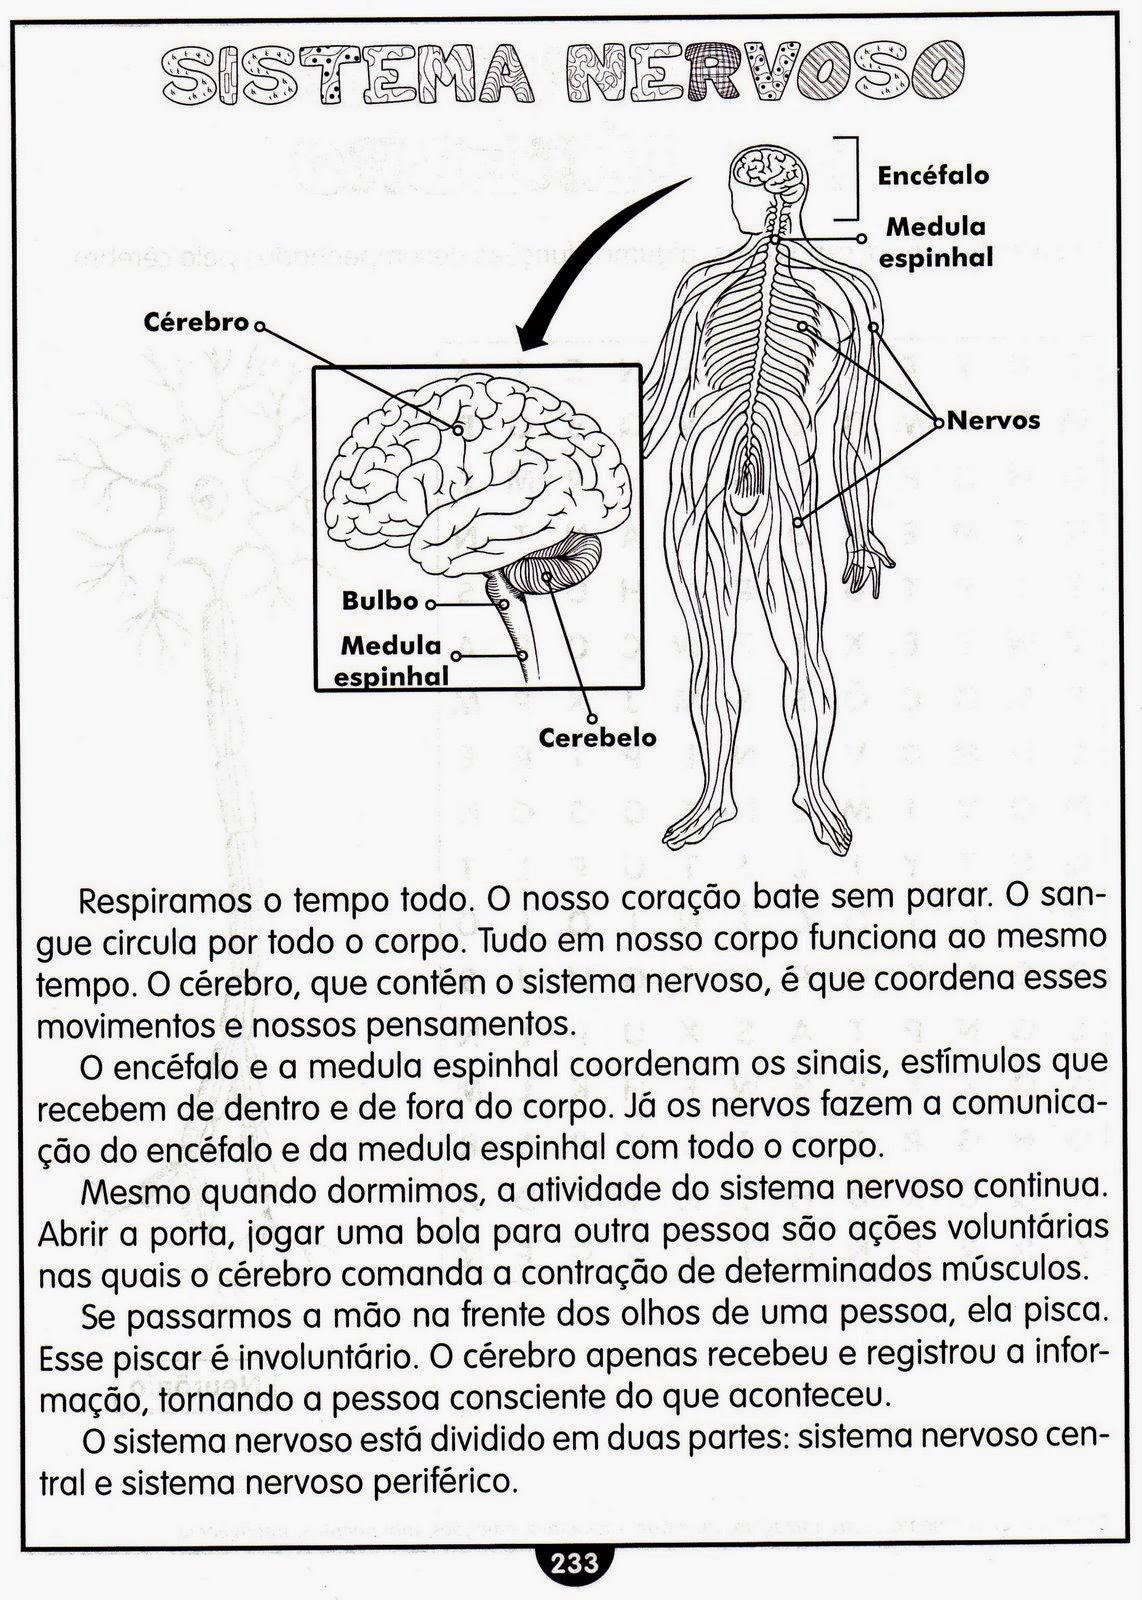 Atividades de ciências 5 ano sistema nervoso